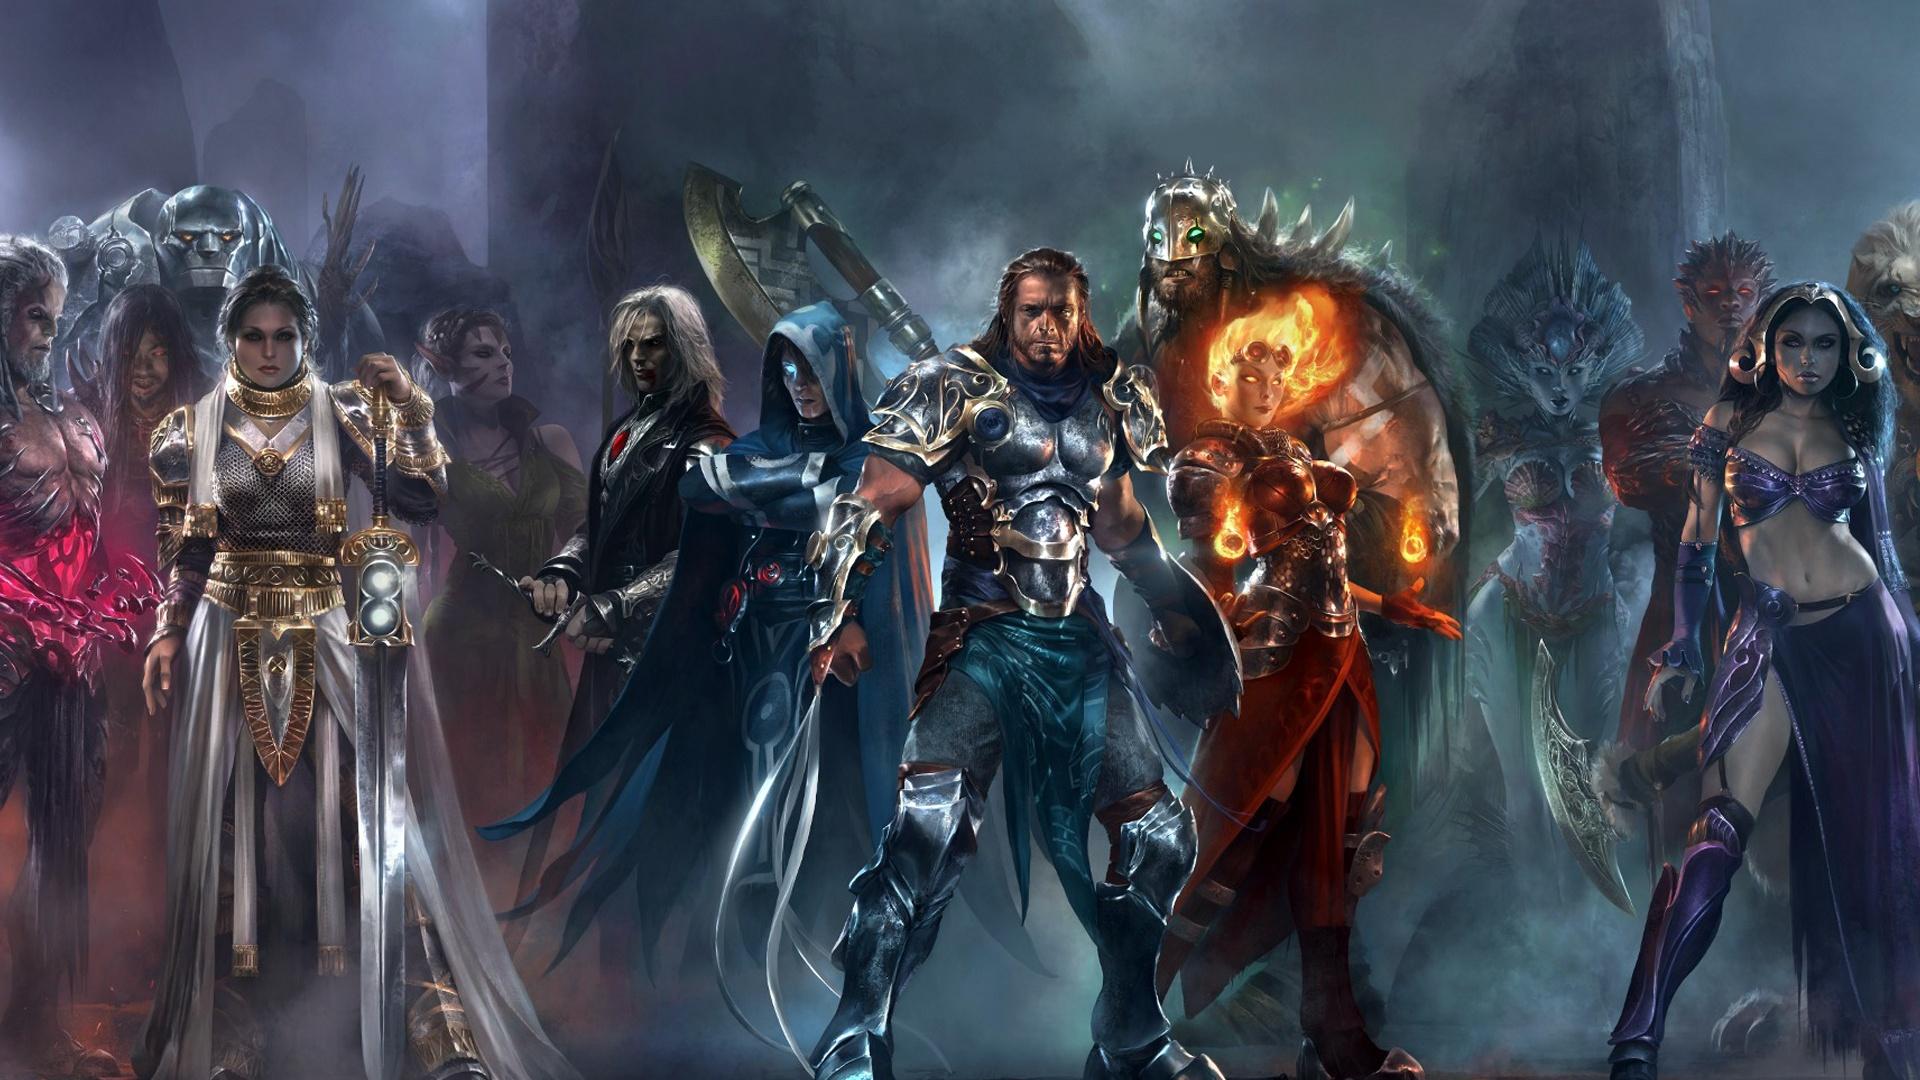 <!-- AddThis Sharing Buttons above -->Cryptic Studios, разработчики Neverwinter, давно и упорно работают над RPG основанной на Magic: The Gathering, стратегической карточной игре от Wizards of the Coast. Планируется, что это будет RPG игра AAA […]<!-- AddThis Sharing Buttons below -->